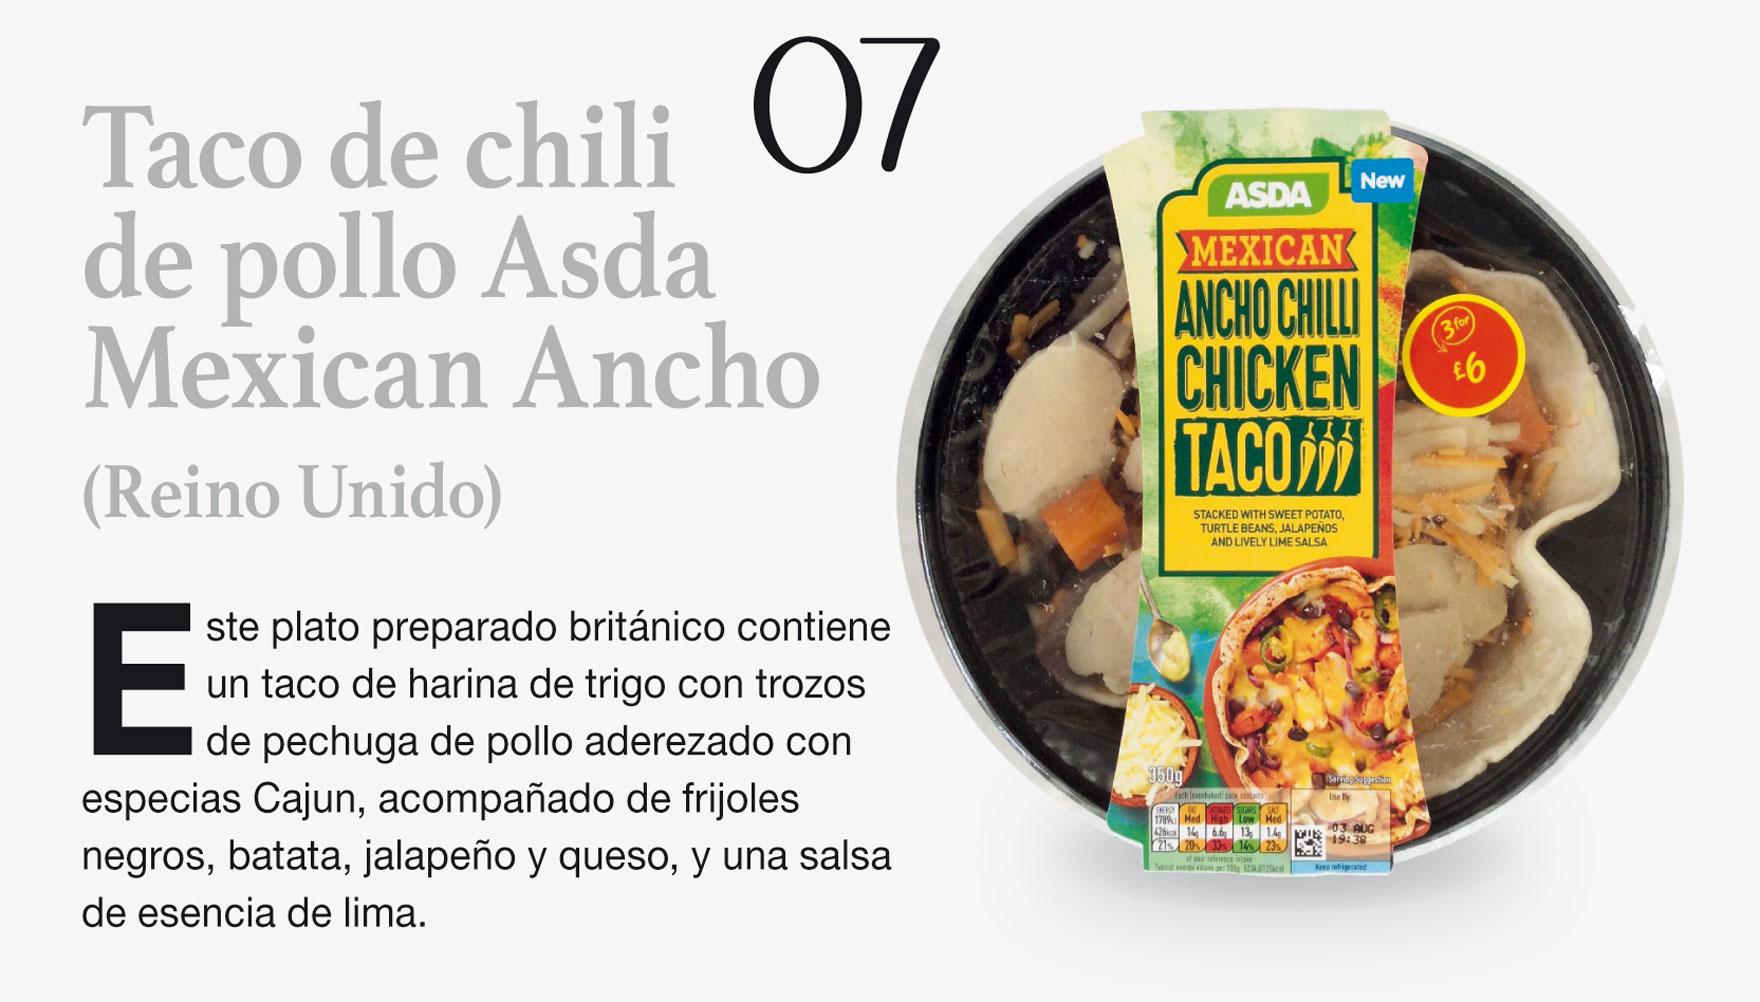 Taco de chili de pollo Asda Mexican Ancho (Reino Unido)